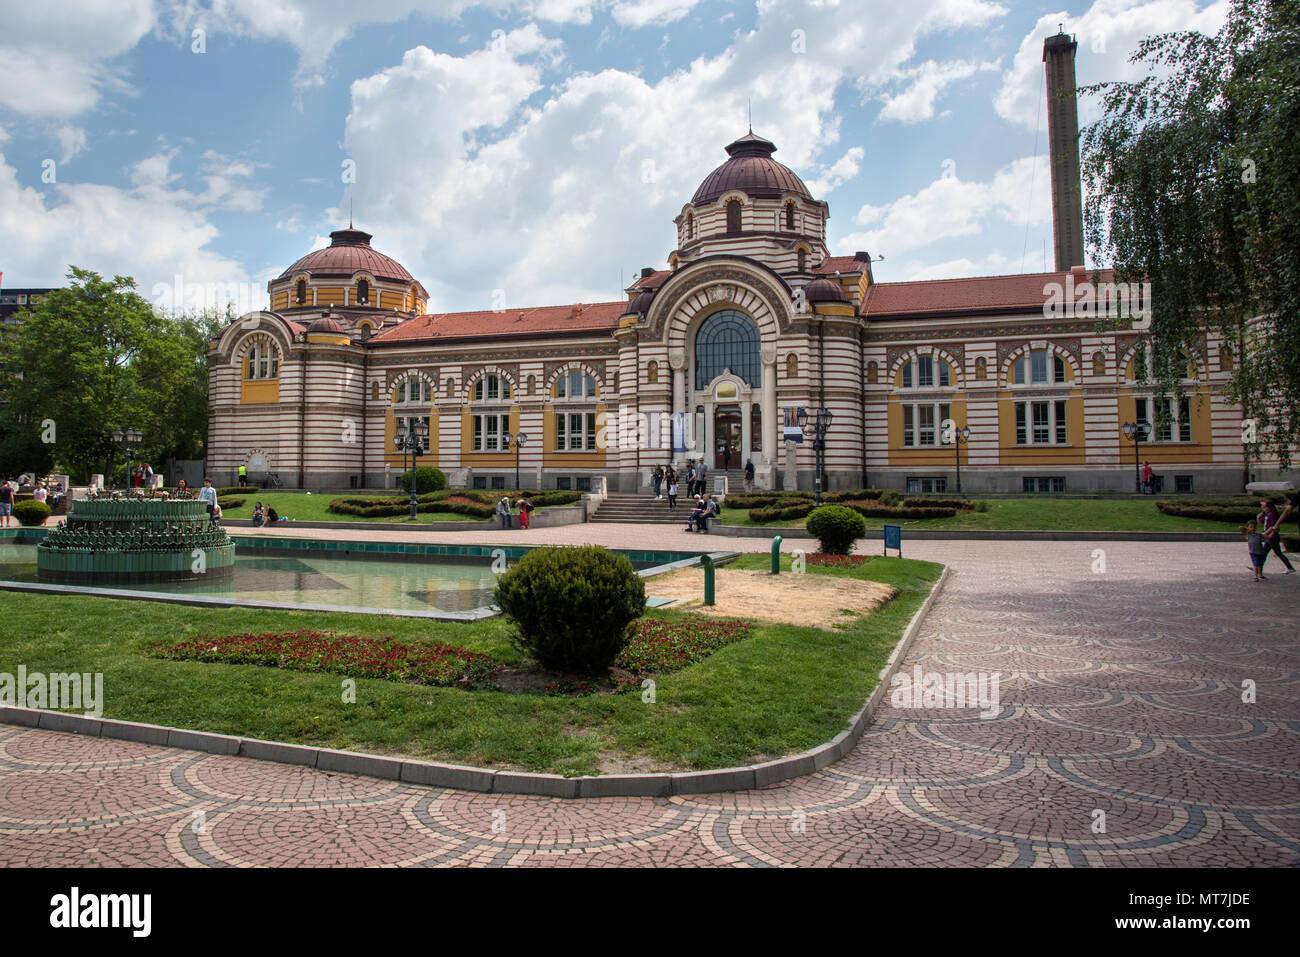 Bagni Termali Sofia : Central bagni minerali edificio in sofia bulgaria foto immagine